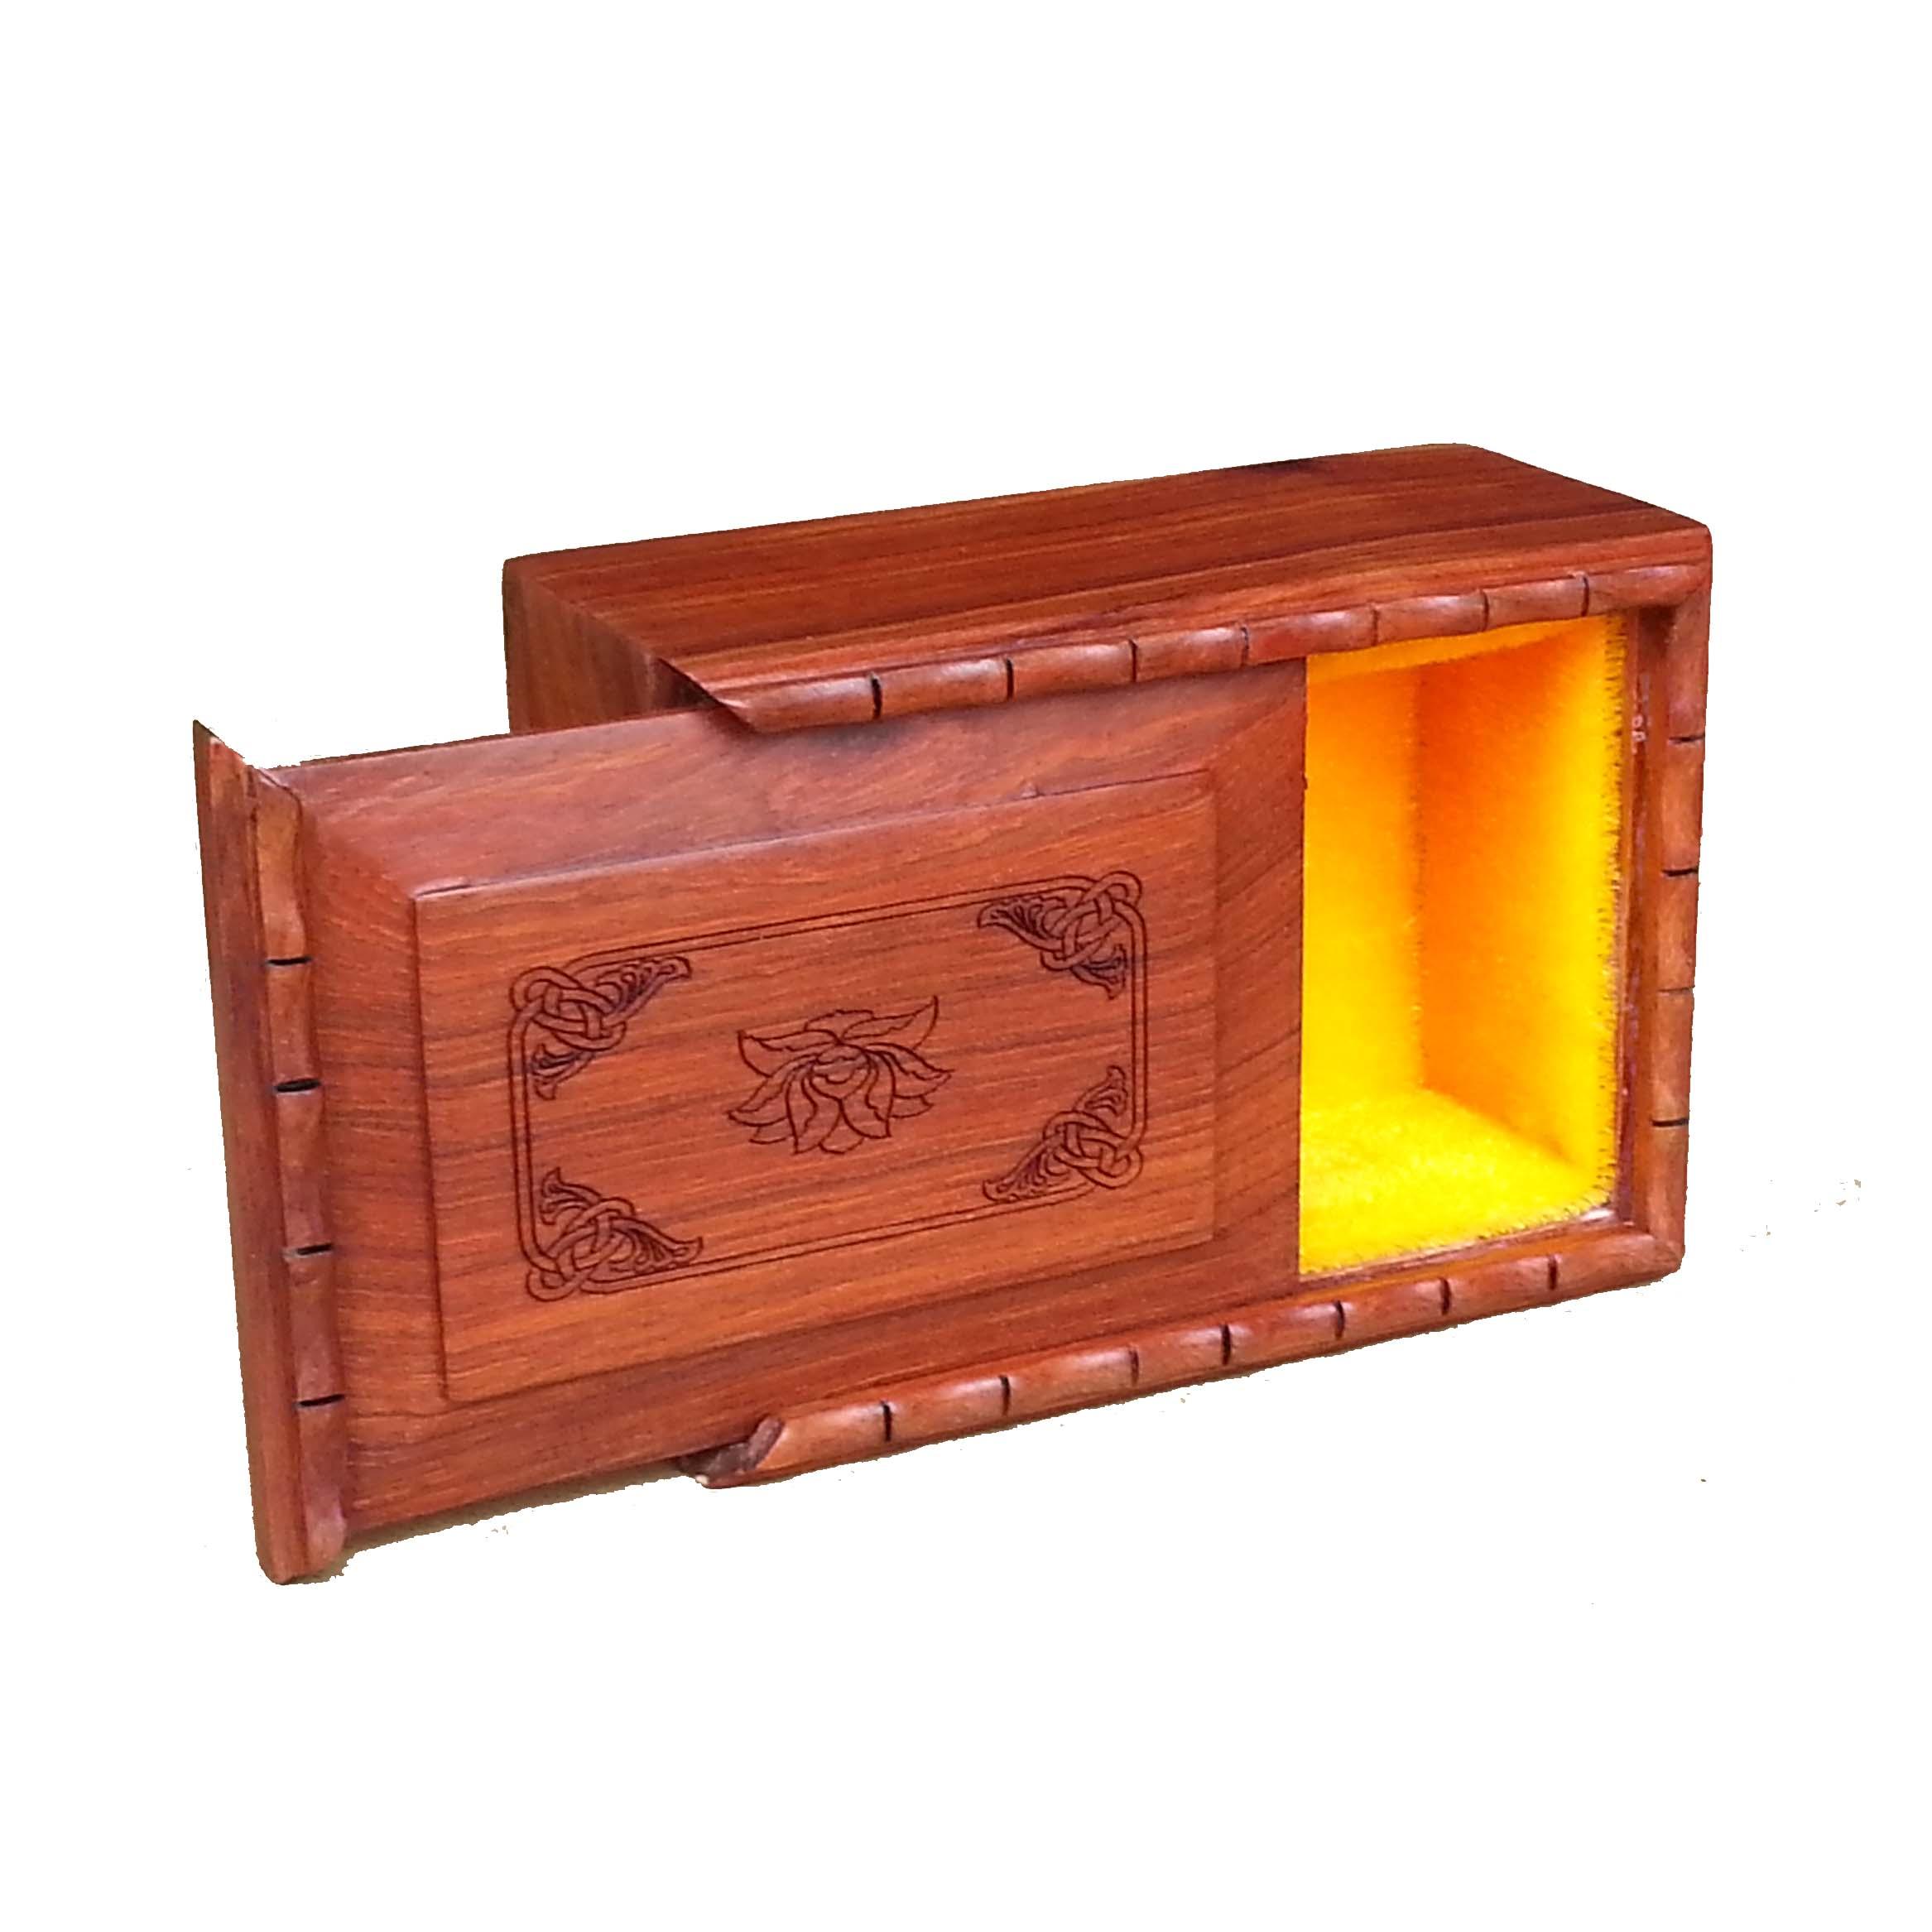 红木工艺品/礼品盒/手镯盒饰品盒/红檀木首饰盒收纳